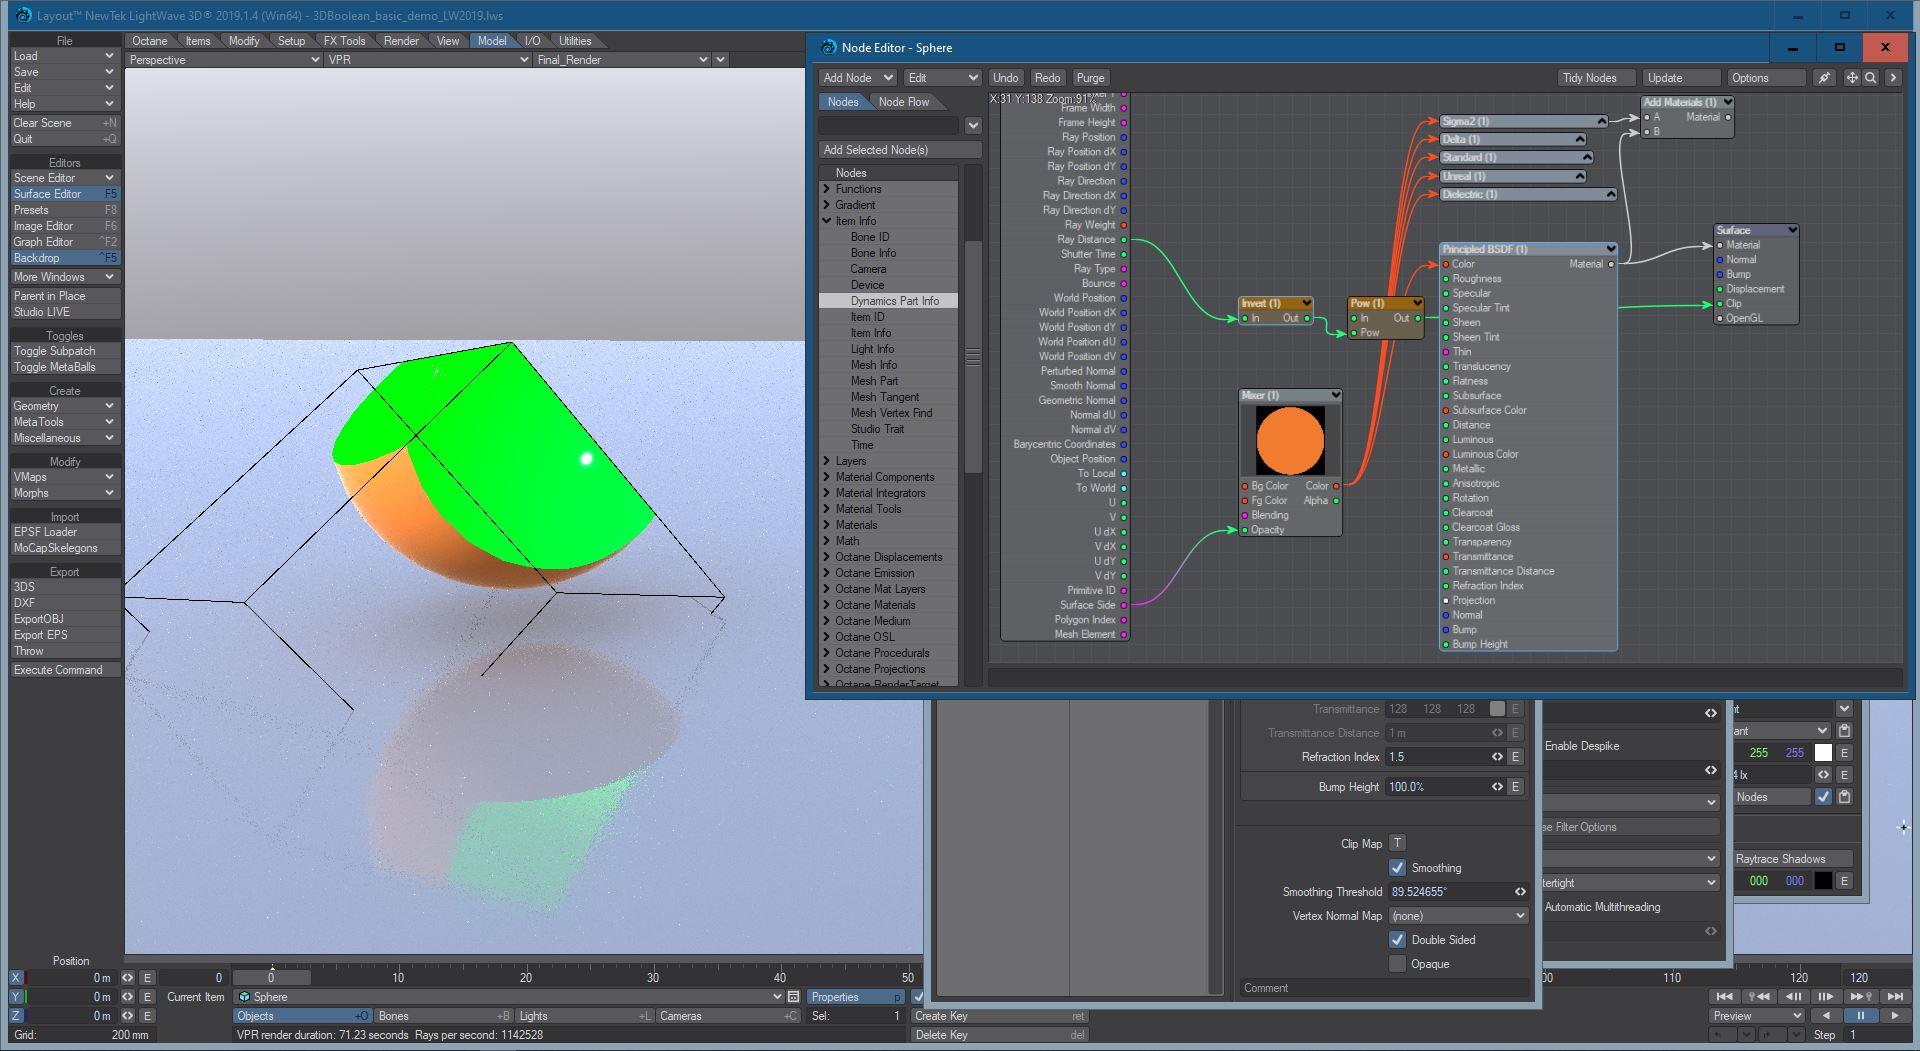 Nome: 2020-02-14 14_24_37-Layout™ NewTek LightWave 3D® 2019.1.4 (Win64) - 3DBoolean_basic_demo_LW2019..jpg Visite: 142 Dimensione: 262.1 KB